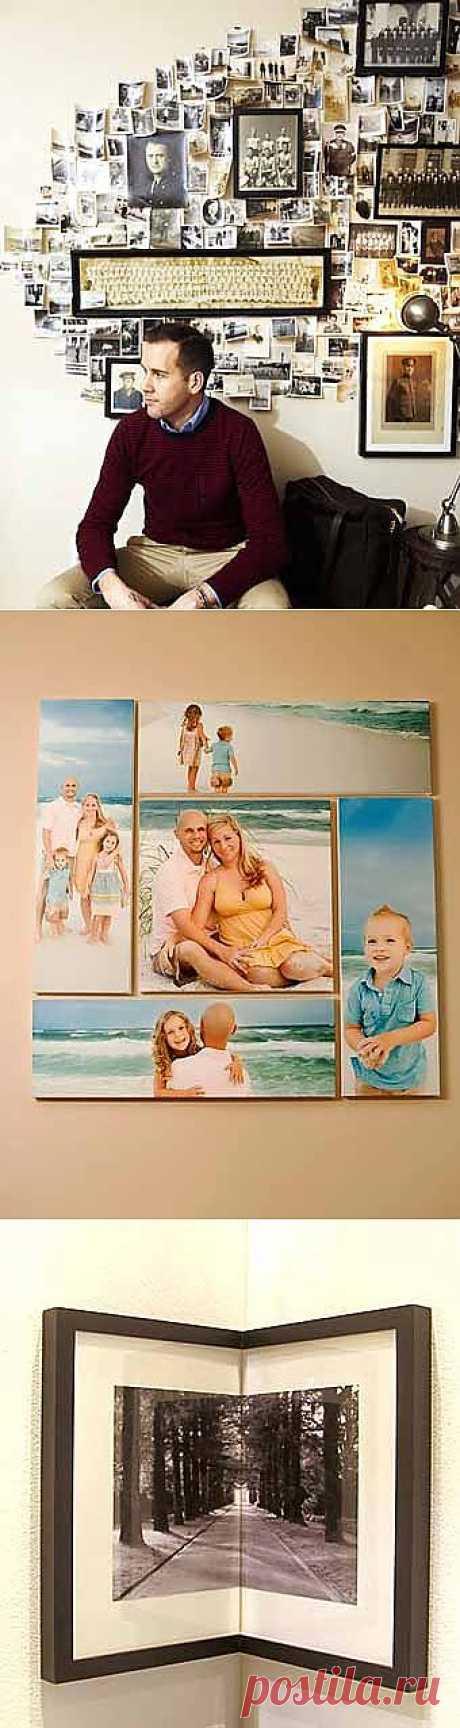 Для фотолюбителей: 14 способов оформления стены с фотографиями.